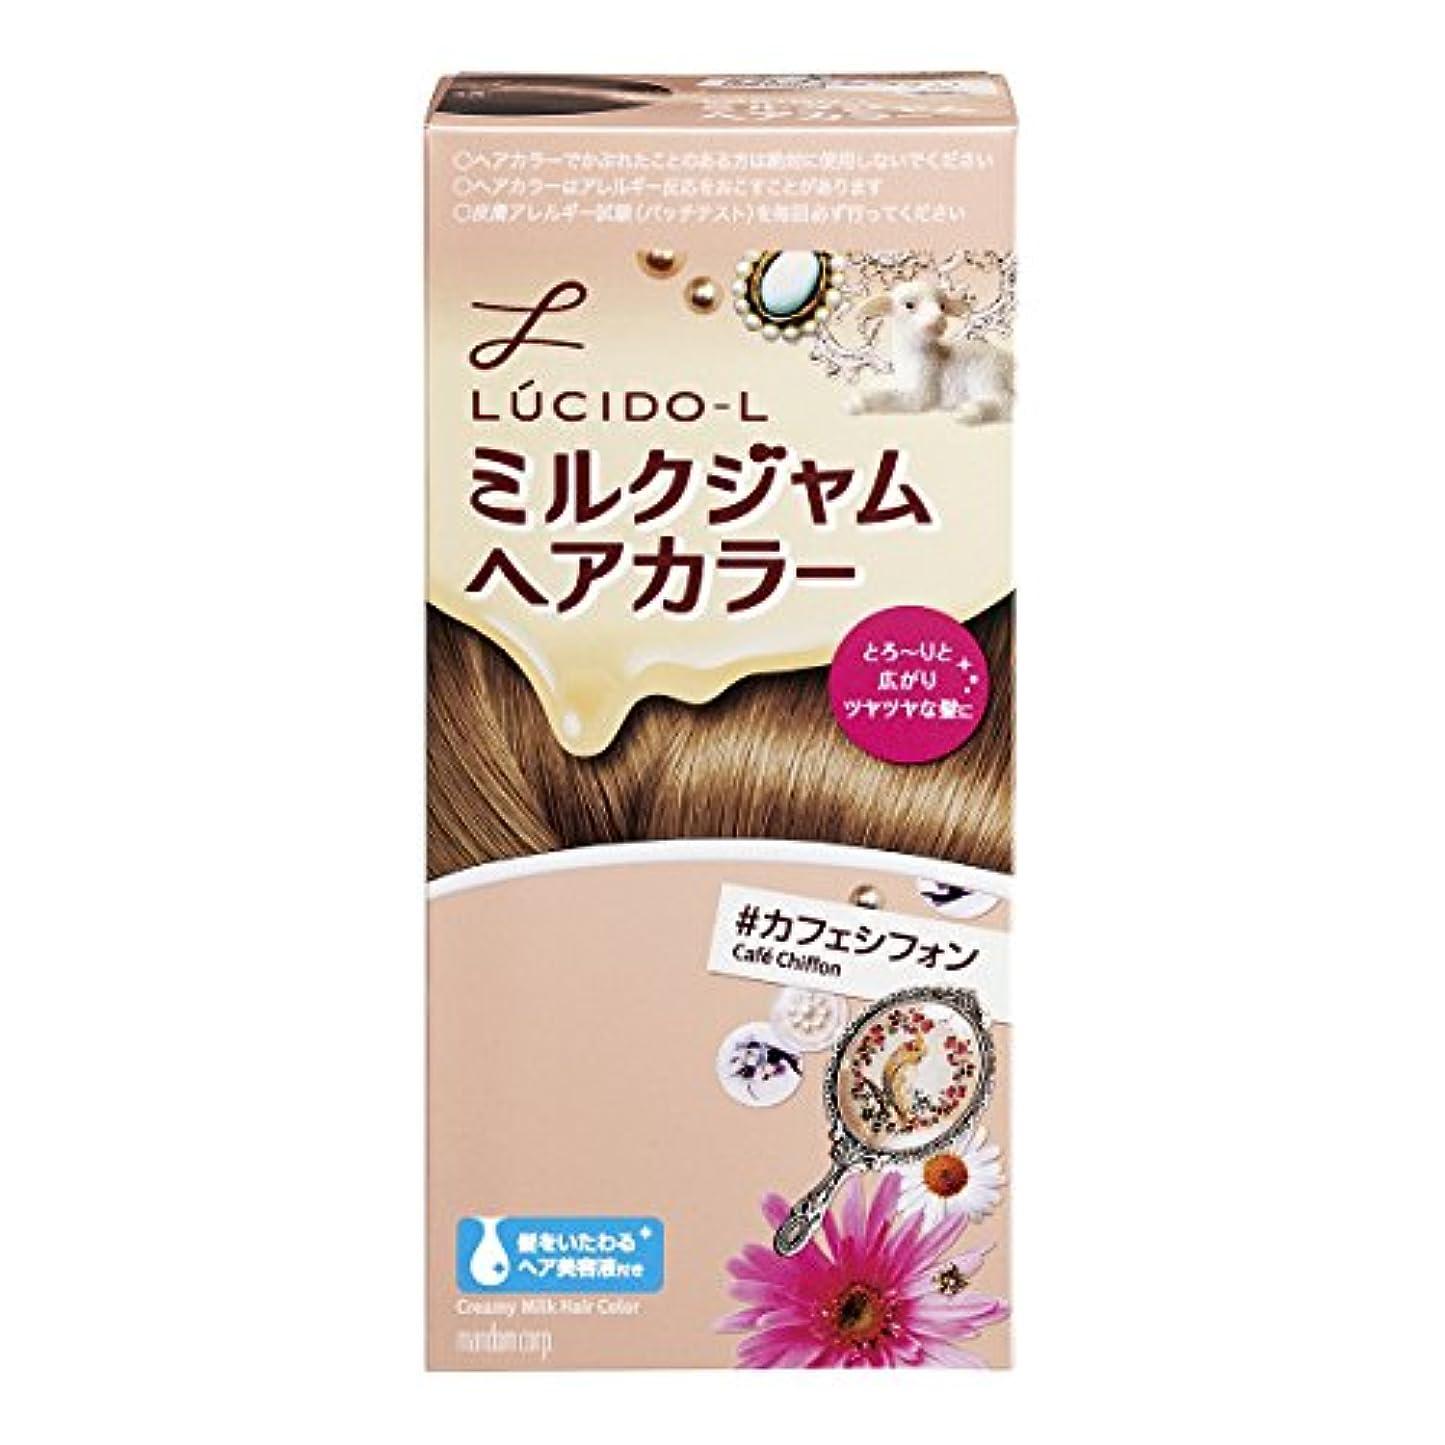 について疲れた冷蔵庫LUCIDO-L (ルシードエル) ミルクジャムヘアカラー #カフェシフォン(医薬部外品) (1剤40g 2剤80mL TR5g)